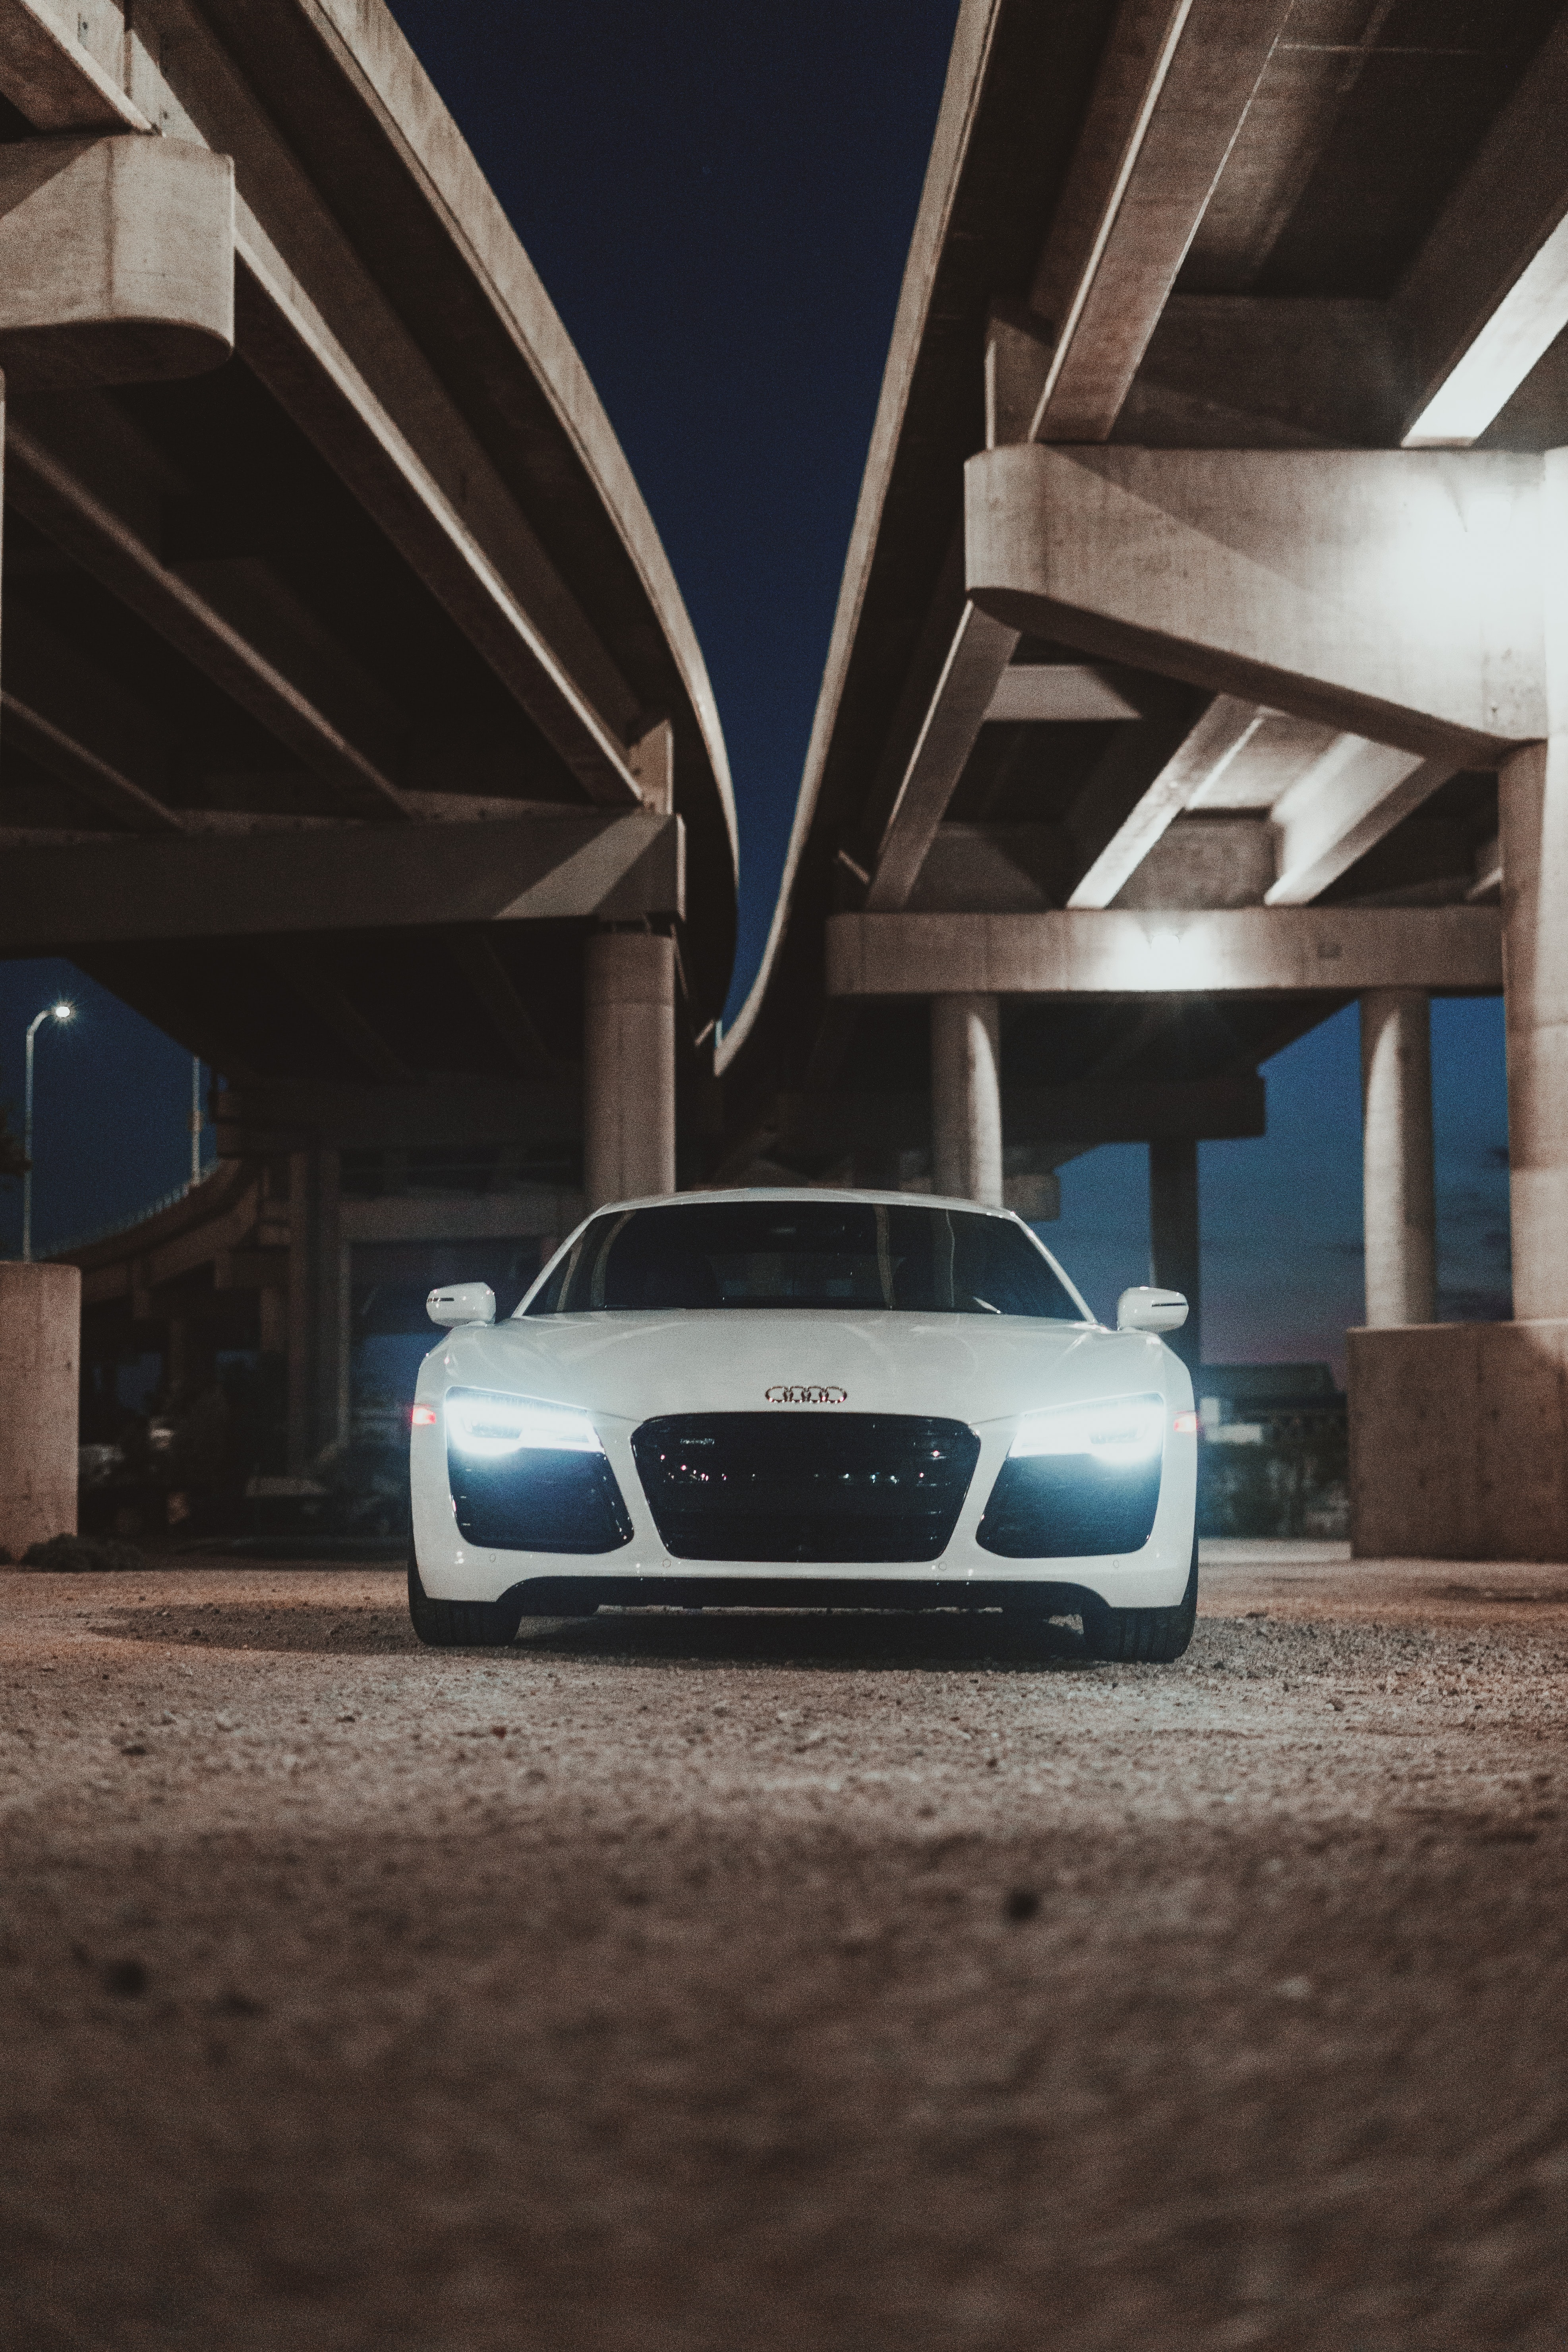 110199 descargar fondo de pantalla Coches, Audi R8, Audi, Carro, Coche, Vista Frontal, Brillar, Luz: protectores de pantalla e imágenes gratis